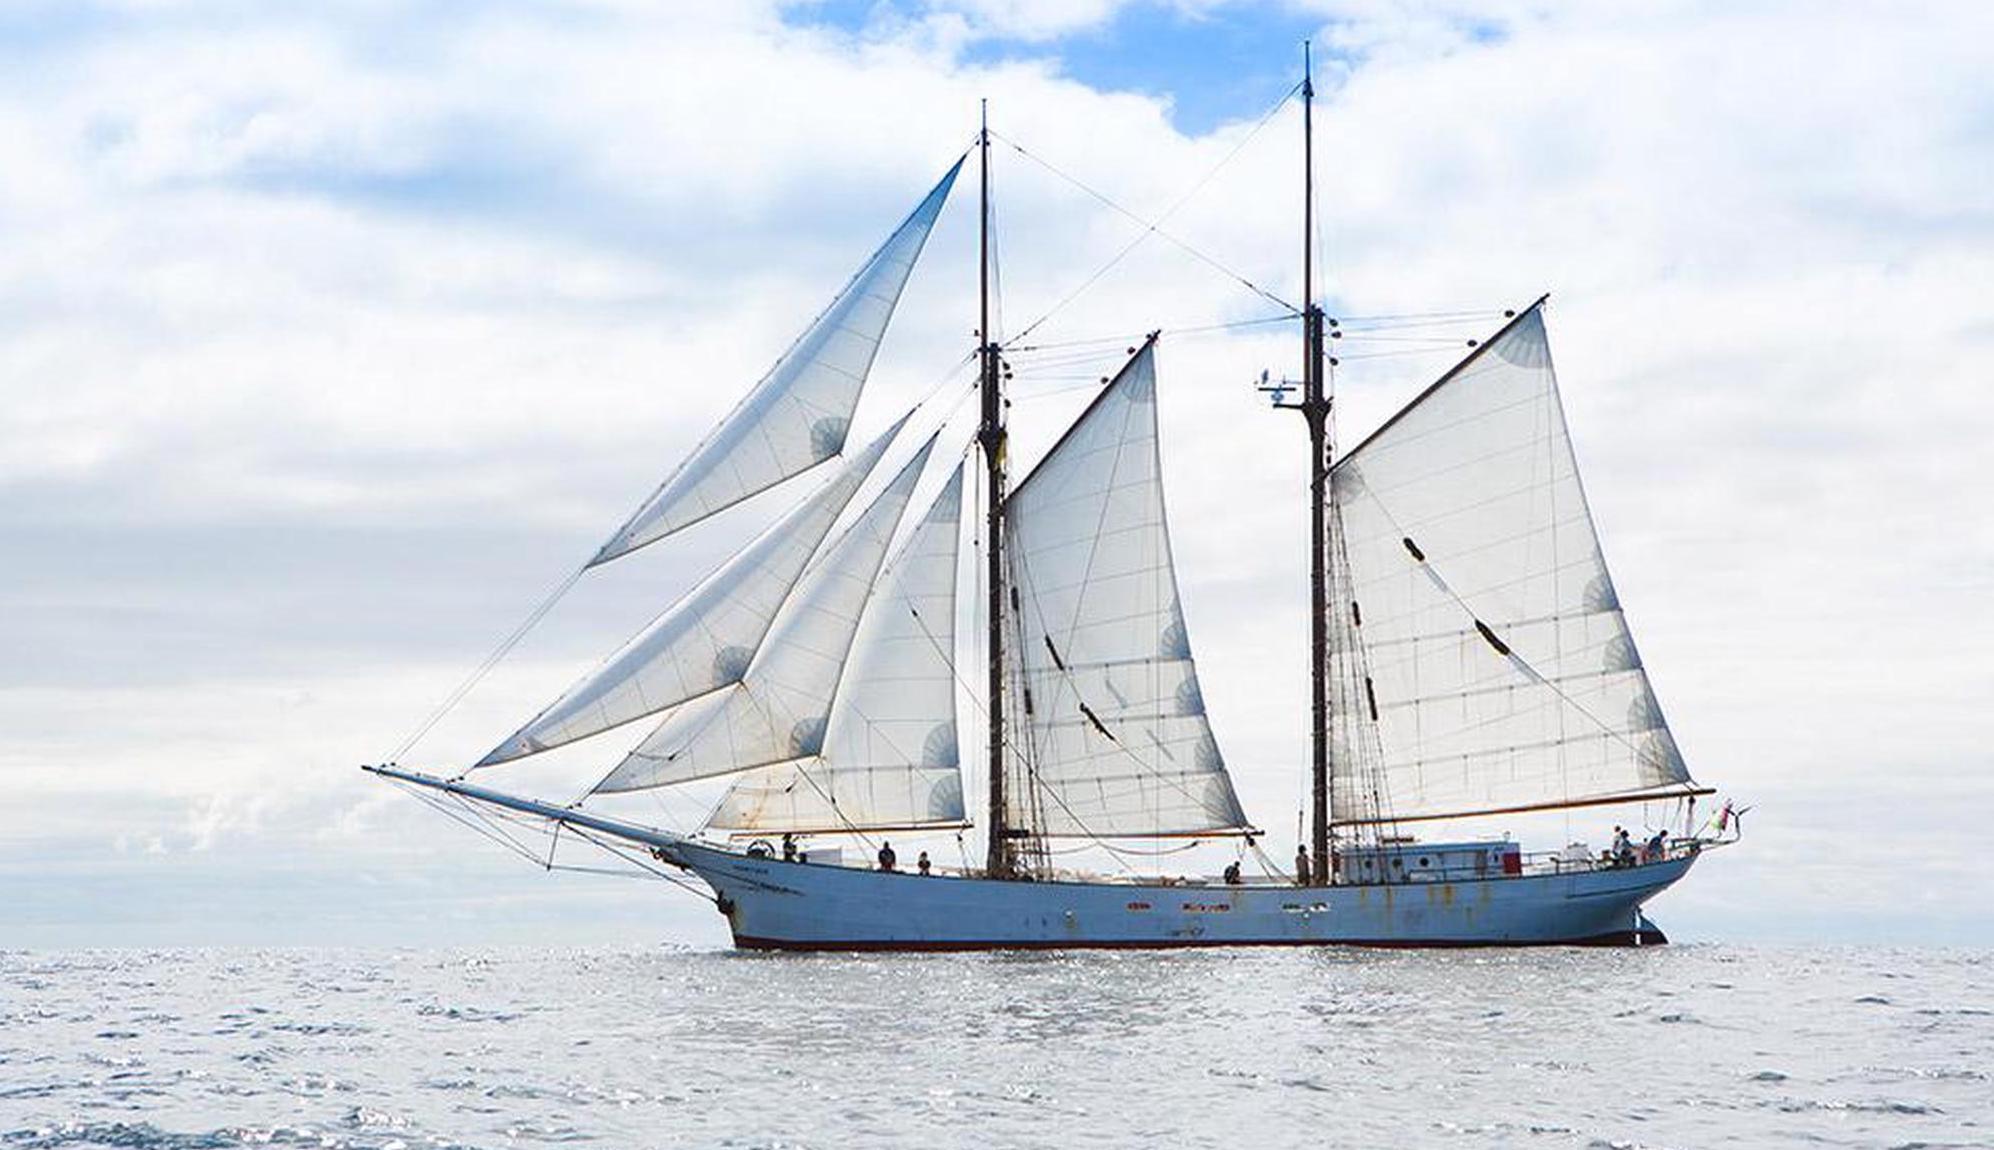 Die «Avontuur» galt als letzter Frachtsegler, bevor sie zu einer Touristenattraktion wurde. Heute verschifft sie wieder Waren. Timbercoast